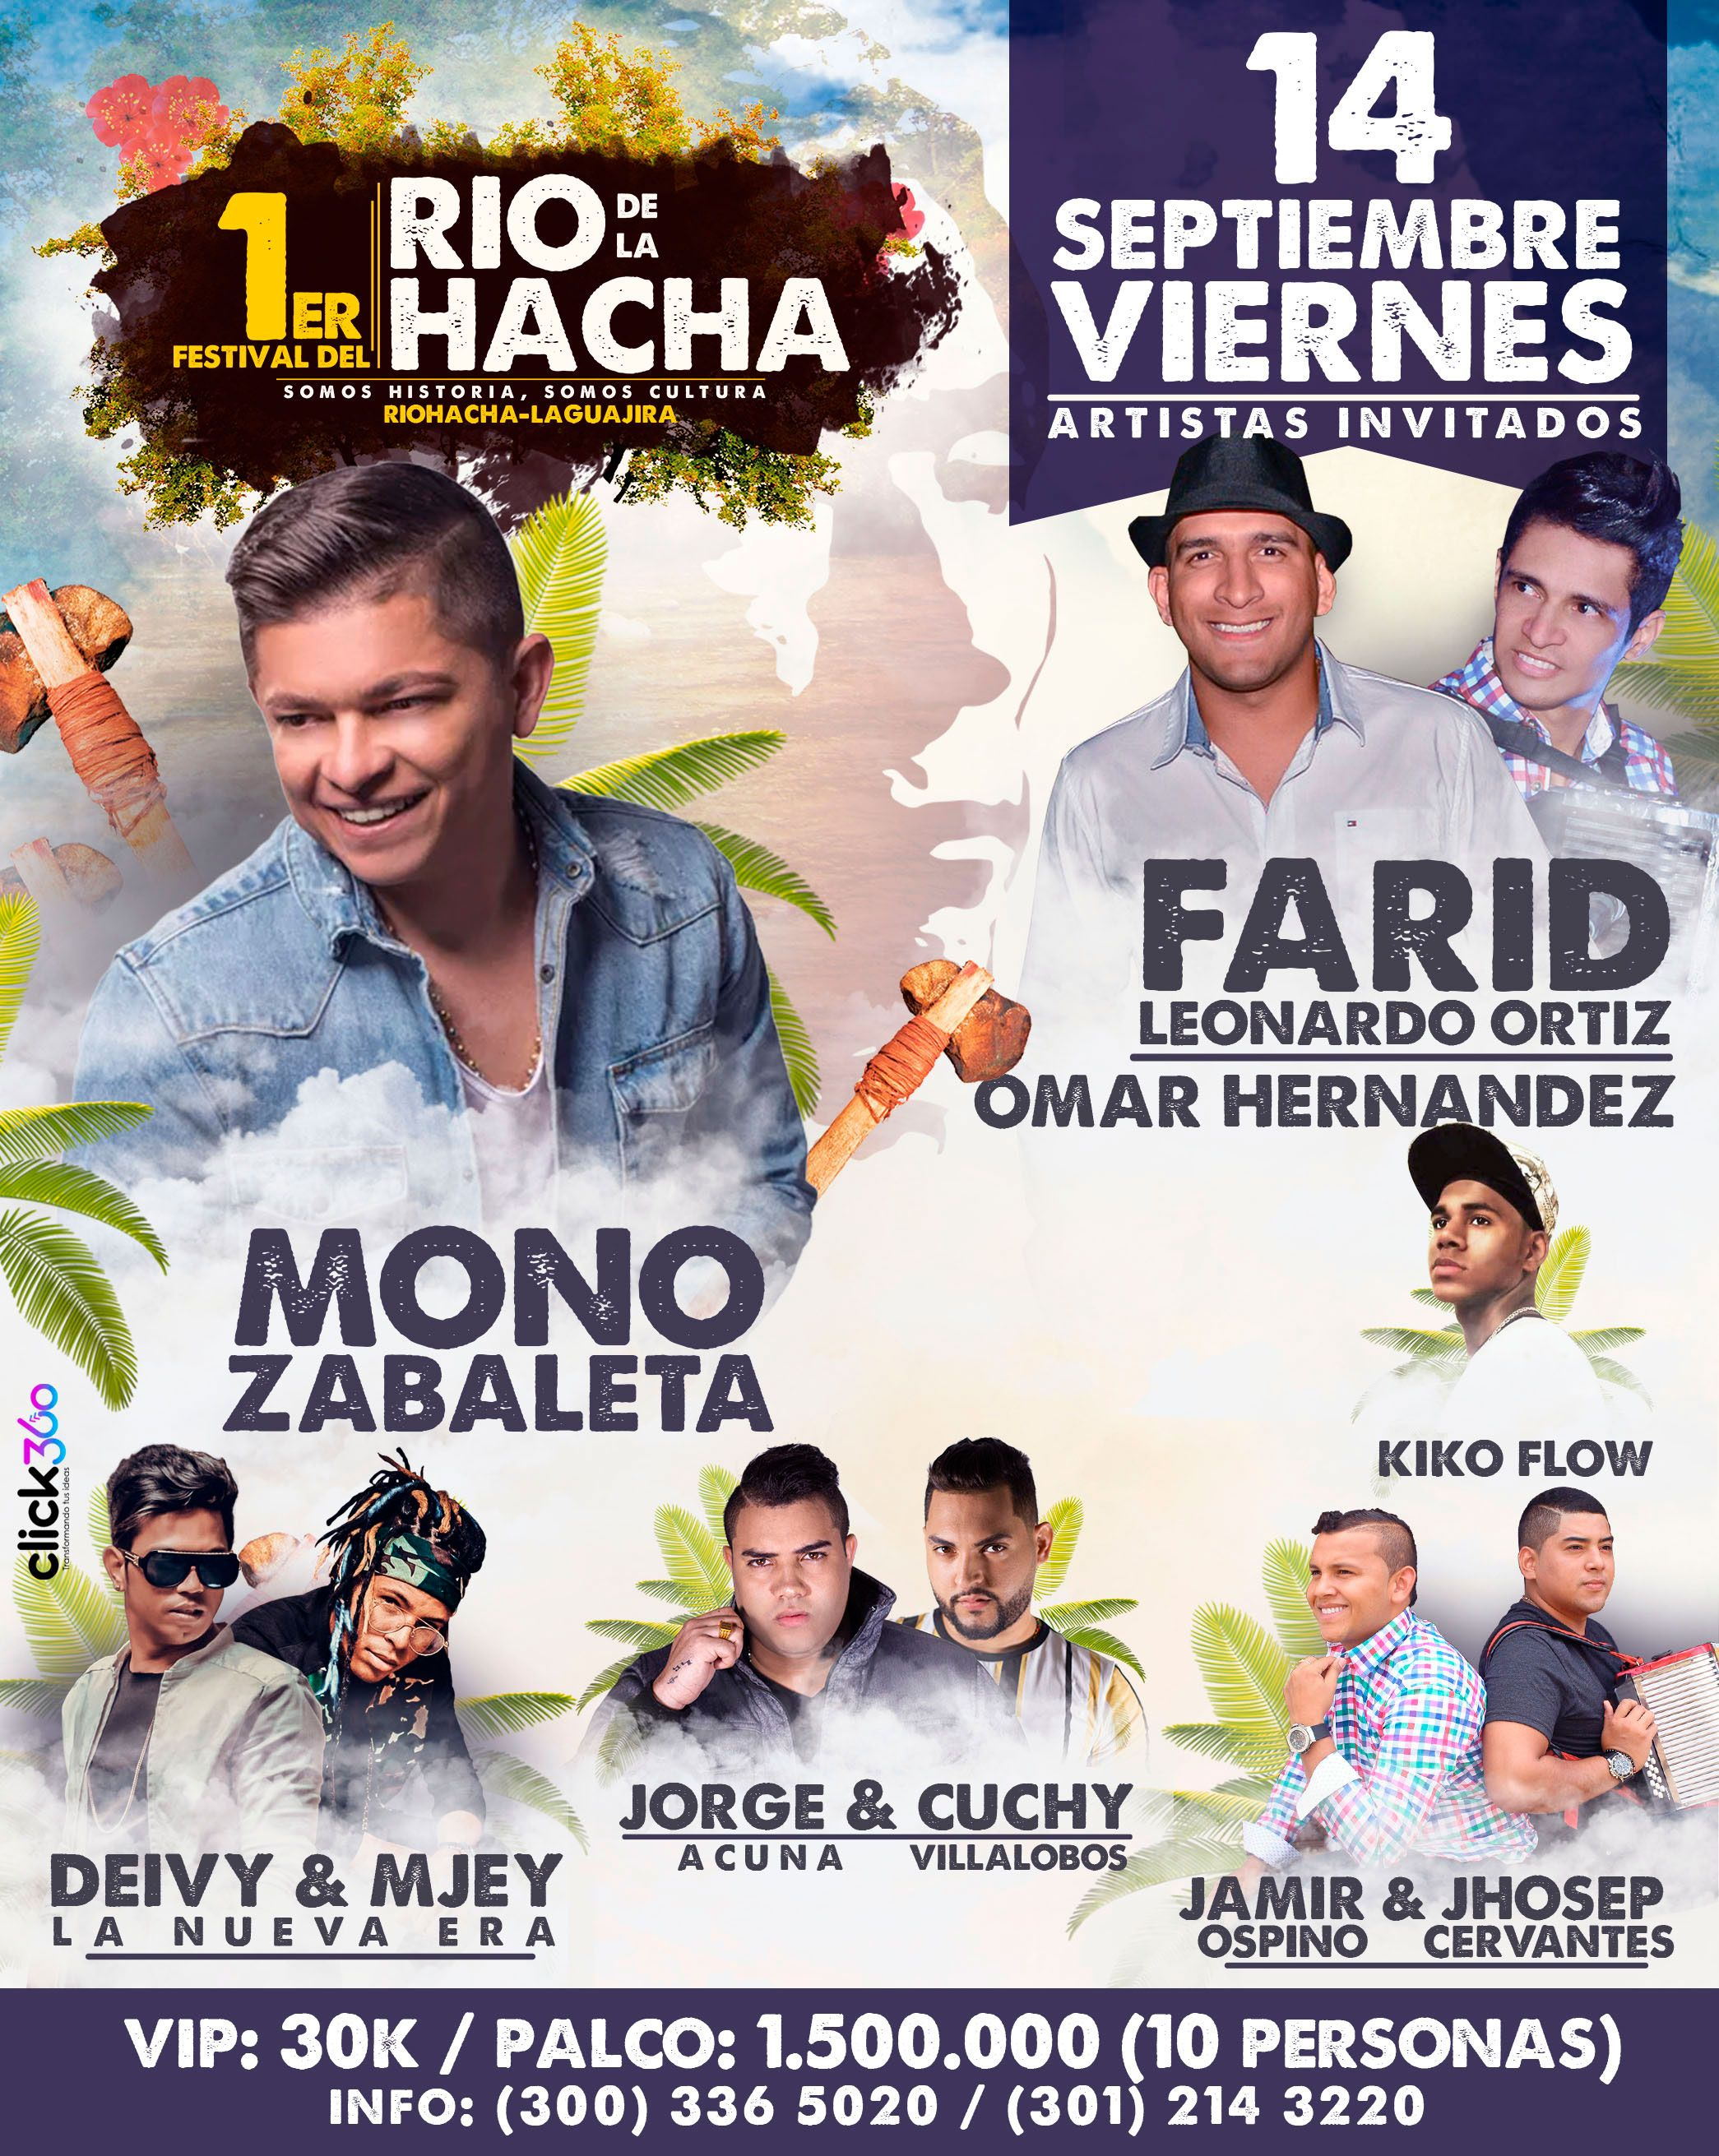 Festival de la Hacha